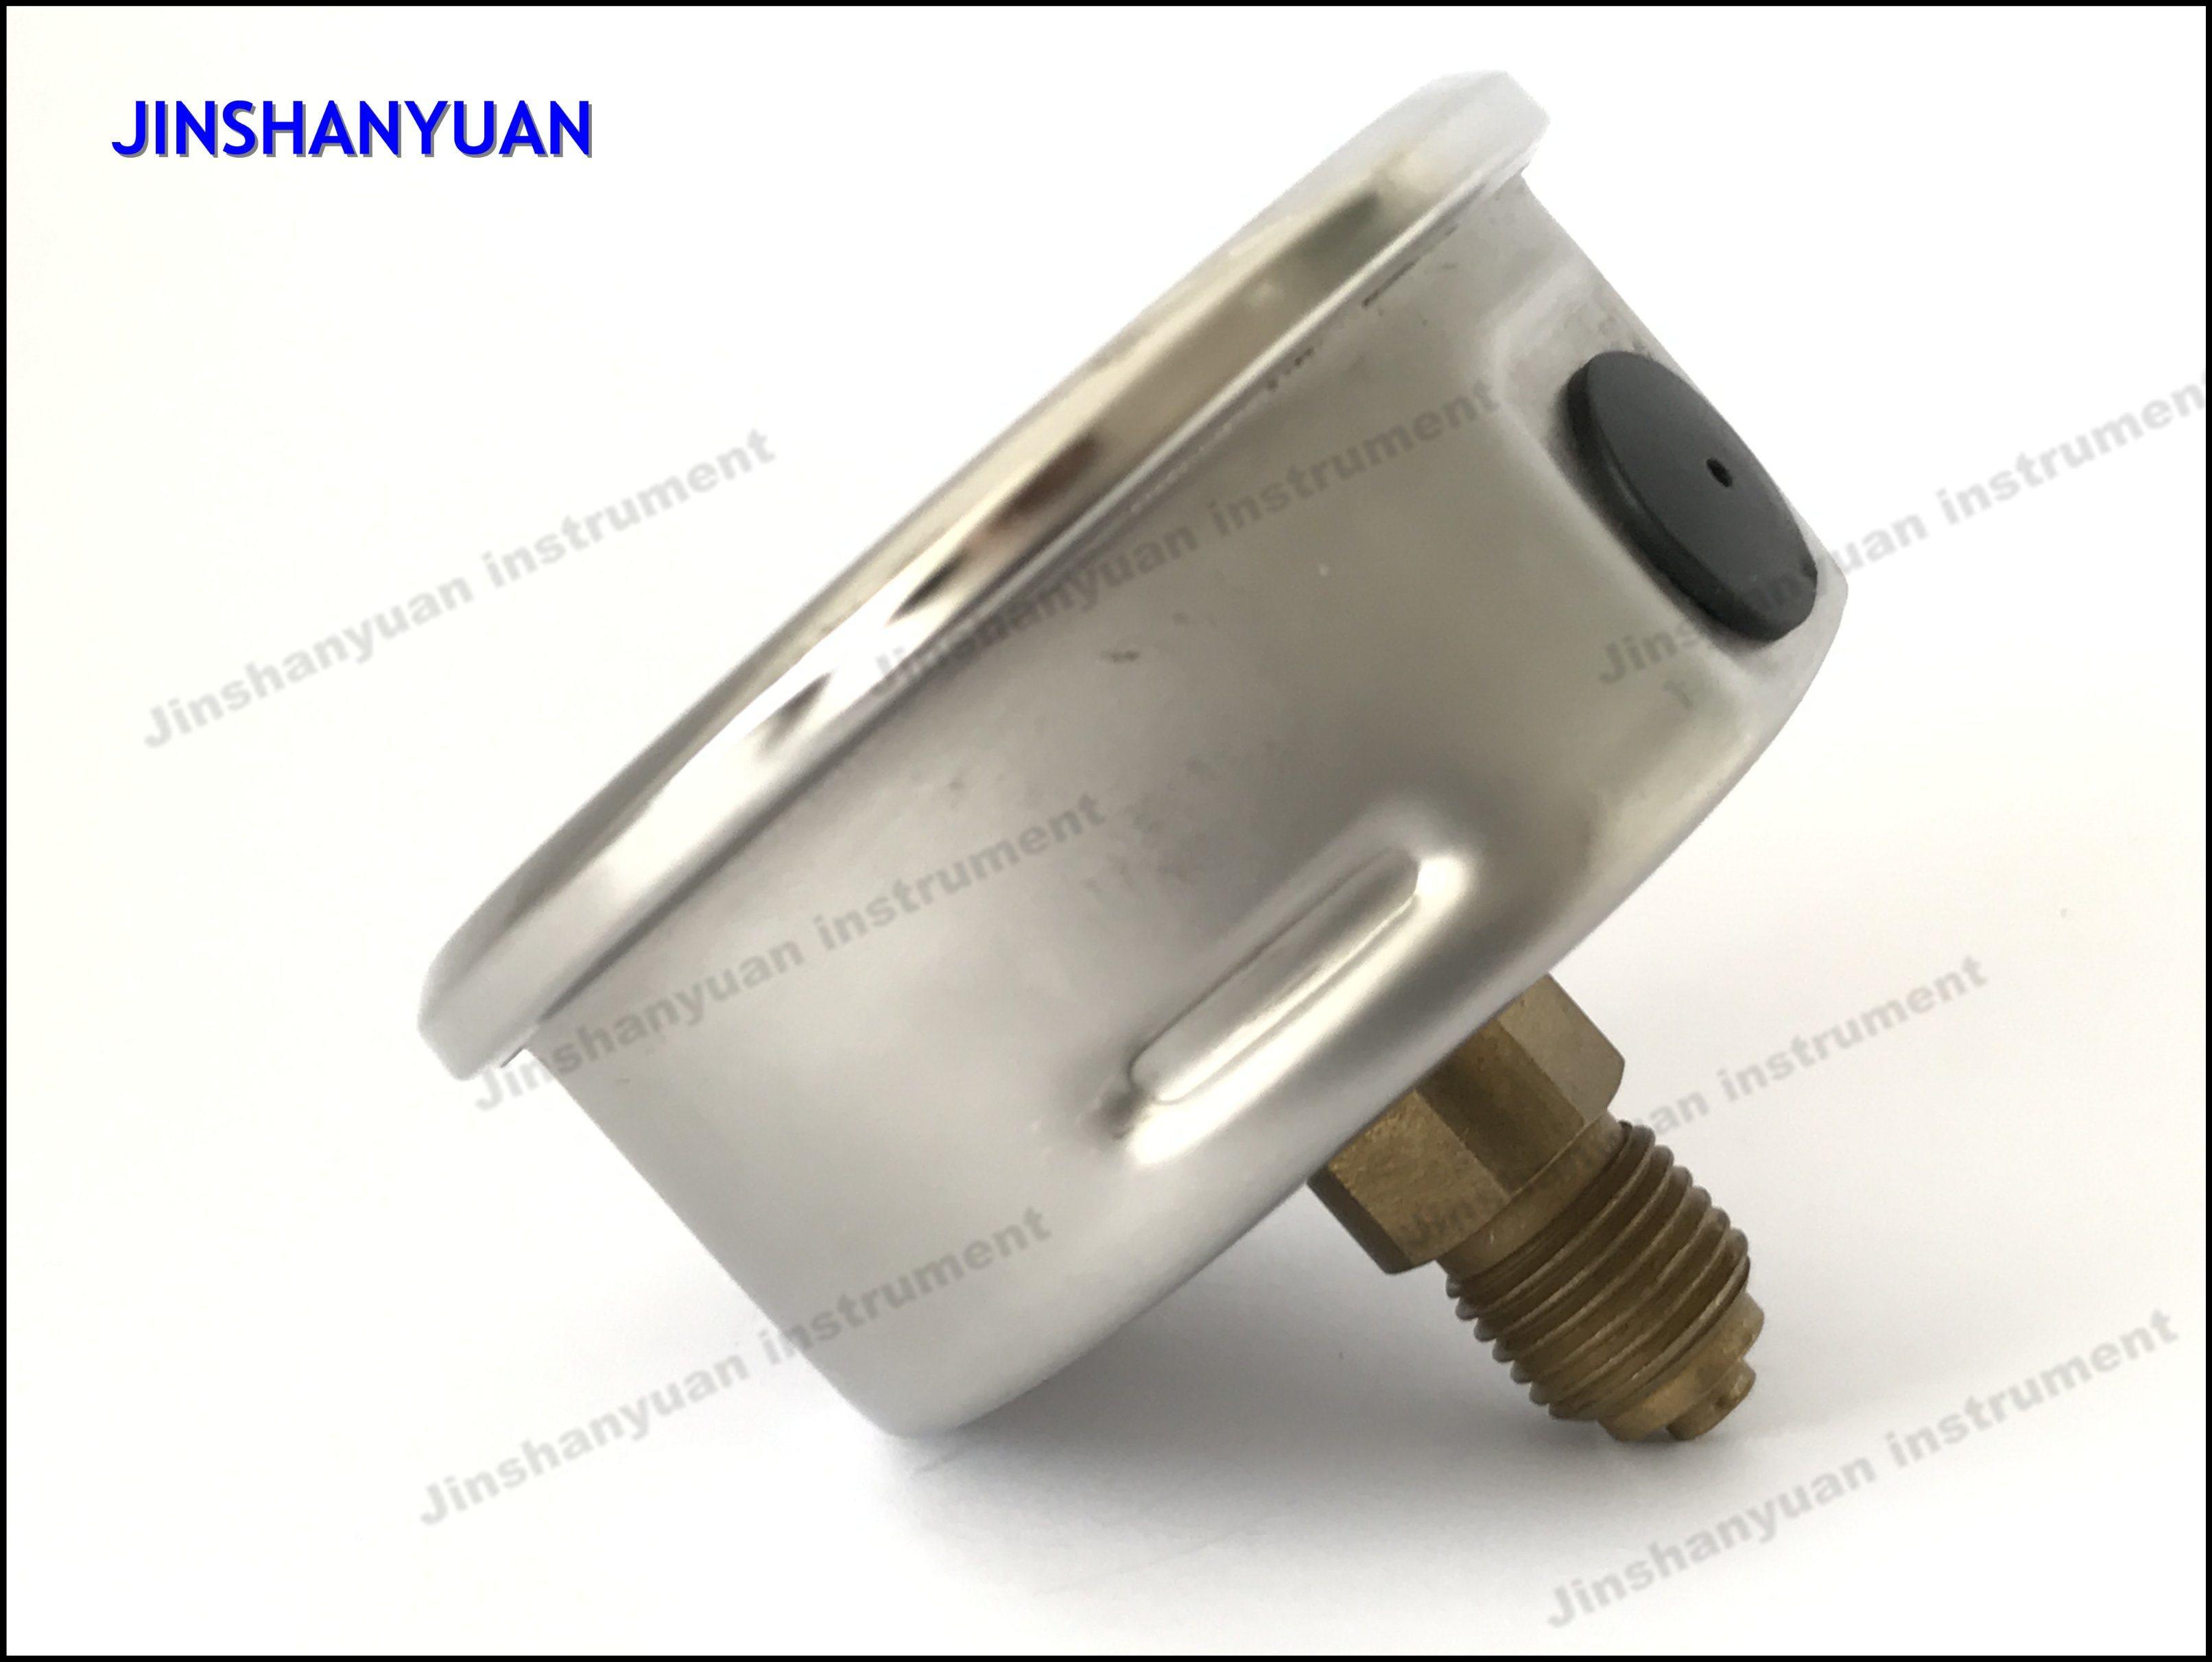 Og-014 Back Connection Pressure Gauge/Brass Thread Pressure Gauge/Oil Manometer